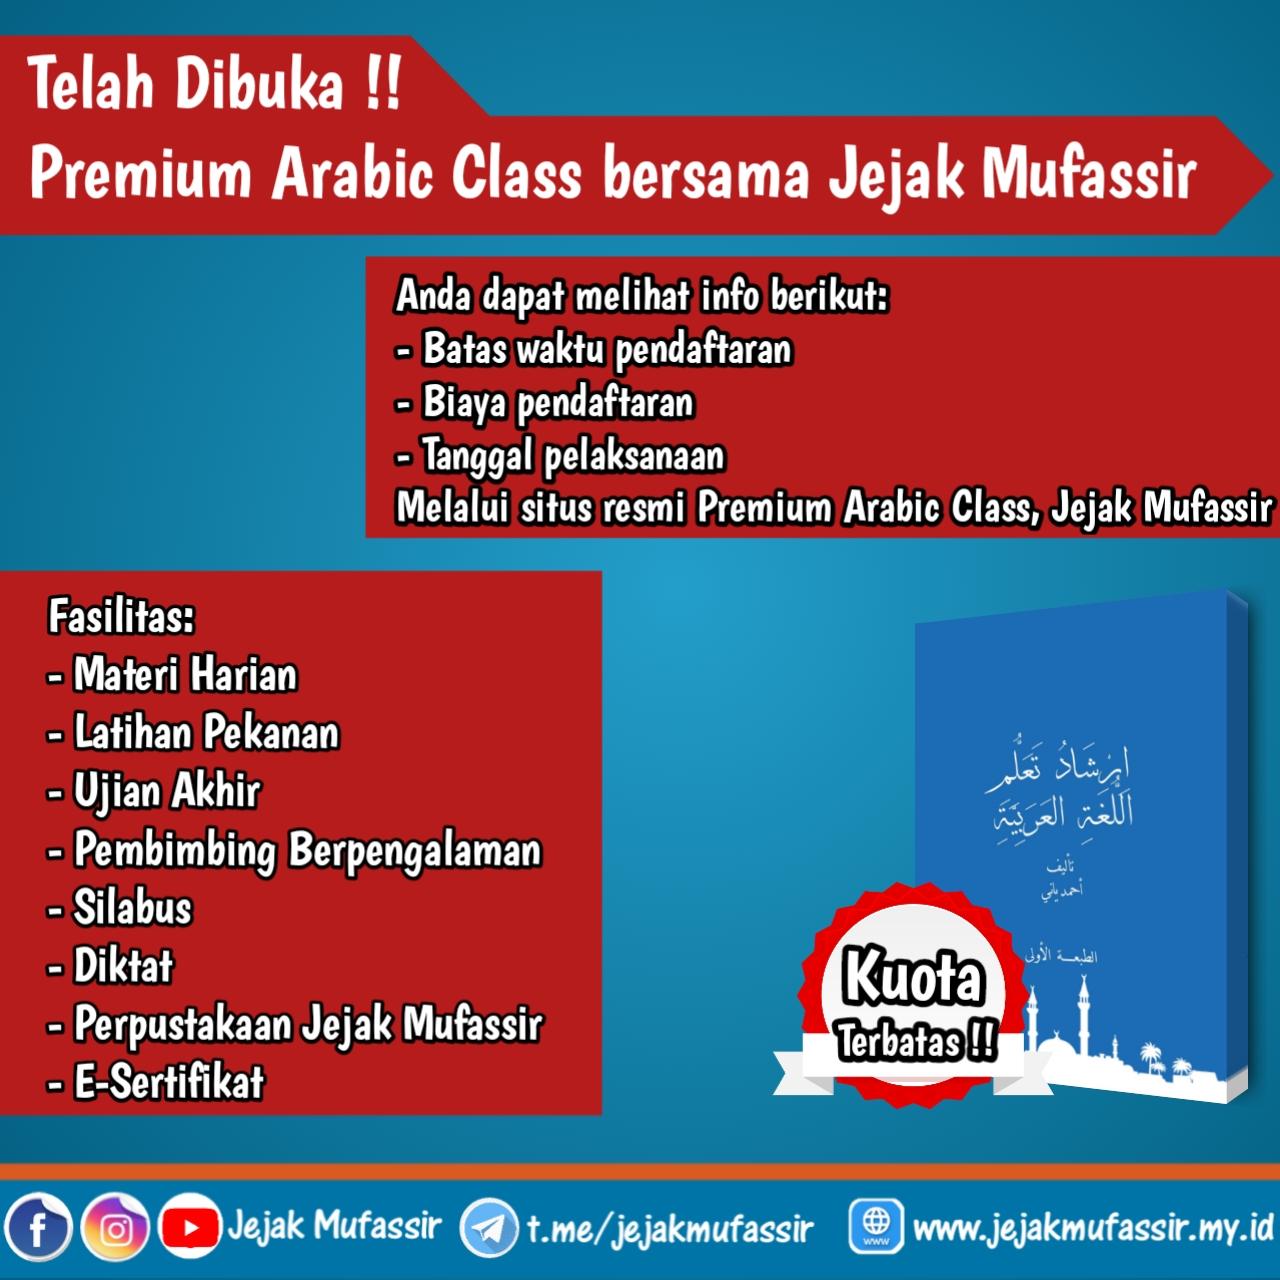 Premium Arabic Class